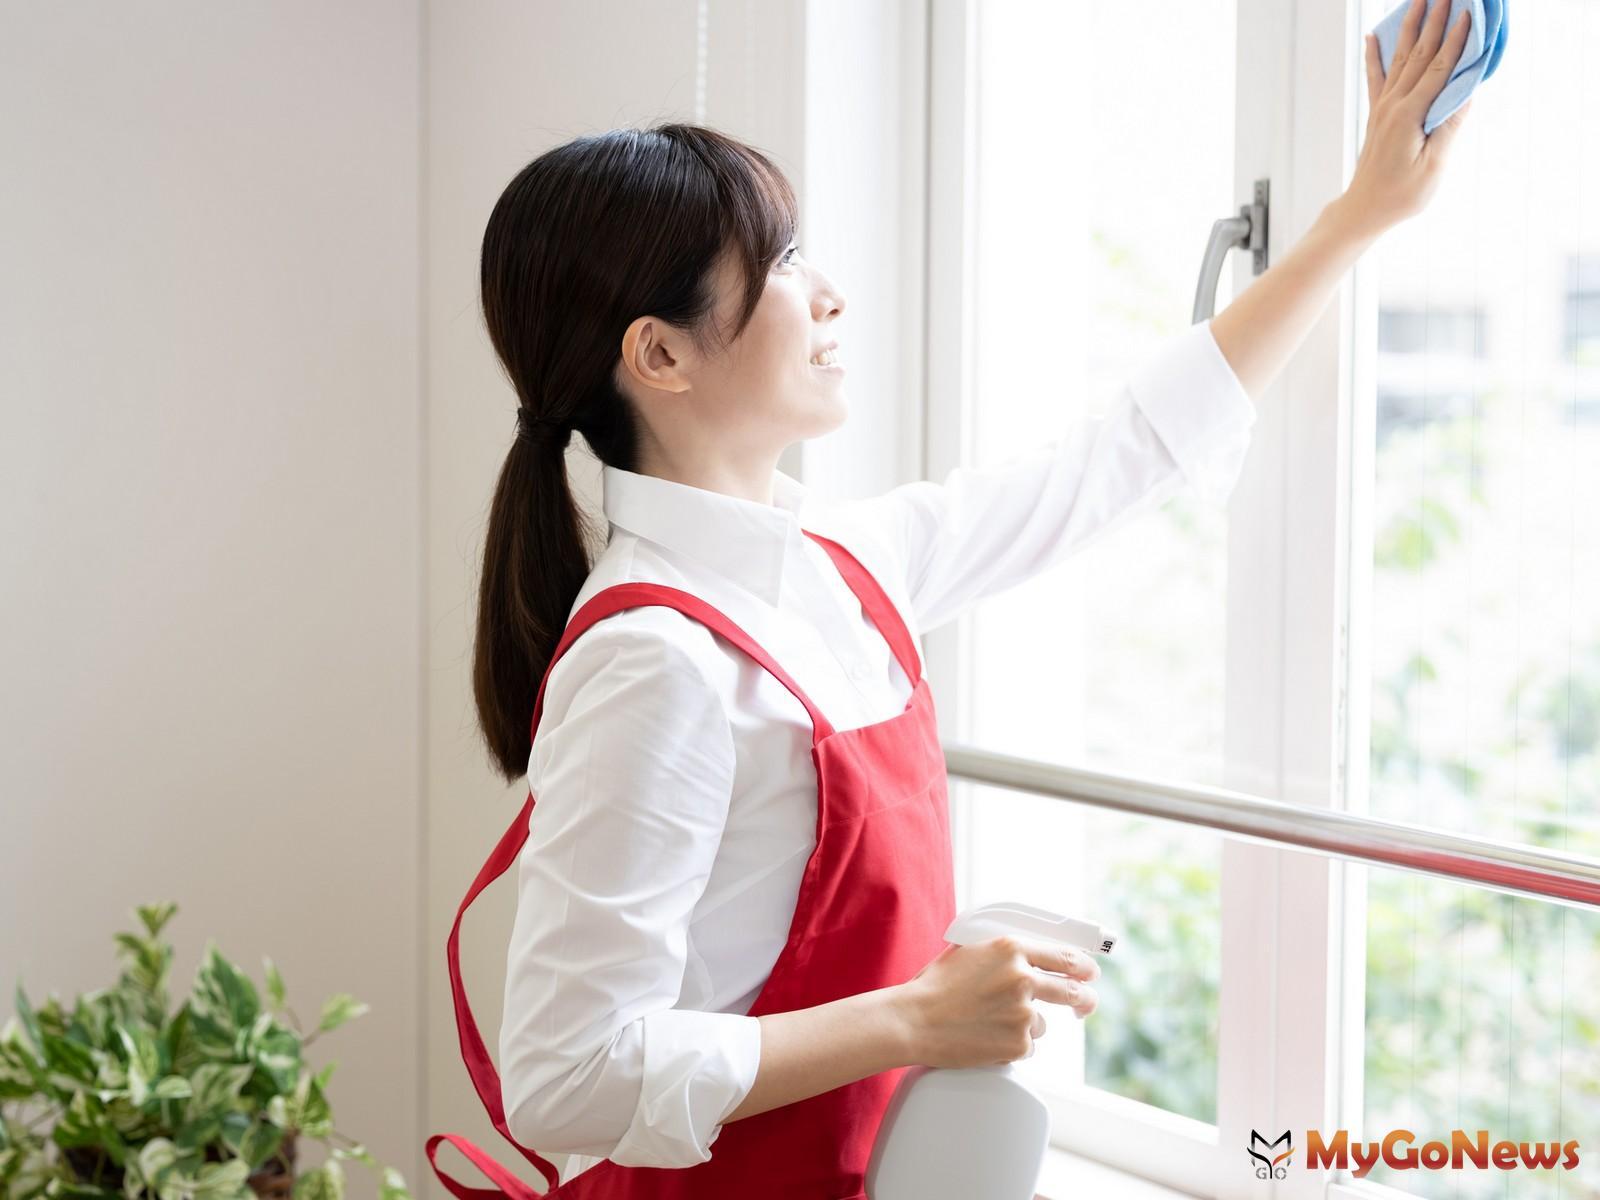 信義房屋居家服務中心統計2020年預約年前清潔較往年成長許多(圖/pixta) MyGoNews房地產新聞 居家風水